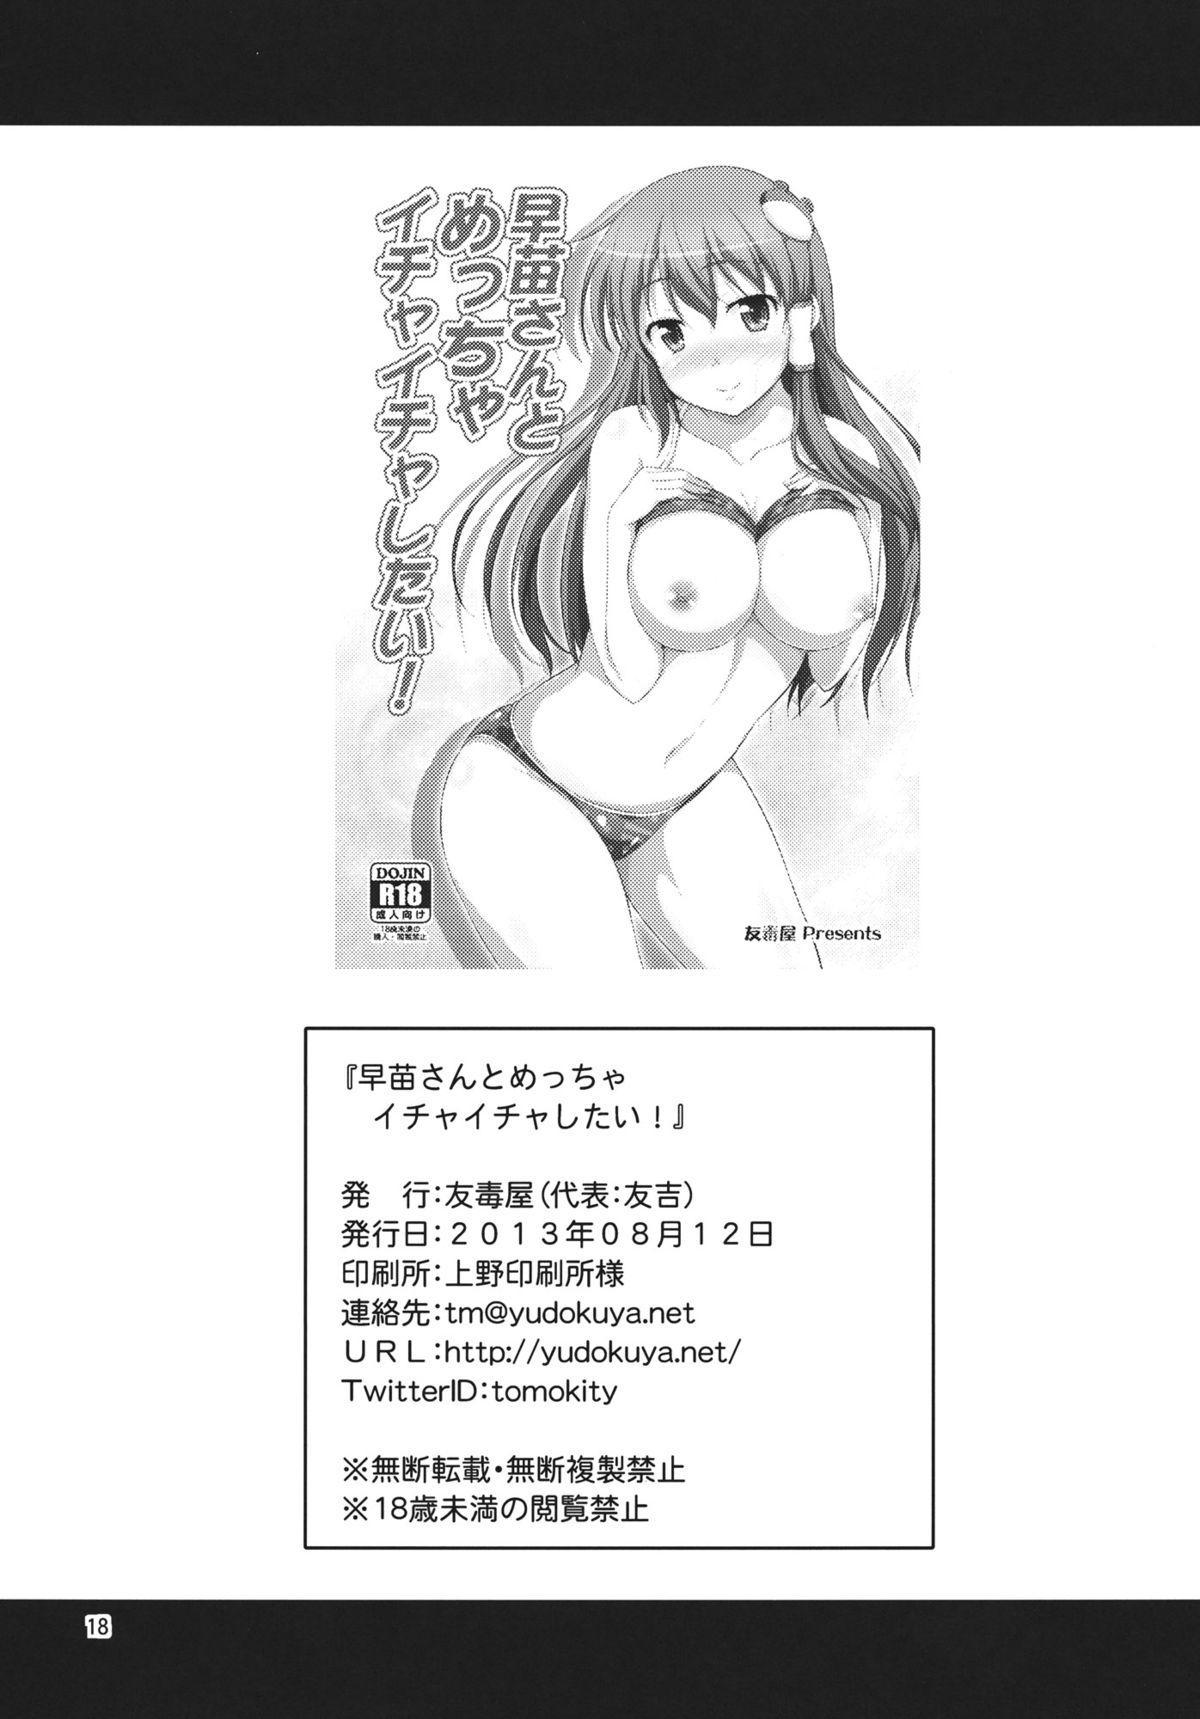 Sanae-san to Meccha Ichaicha Shitai! 16